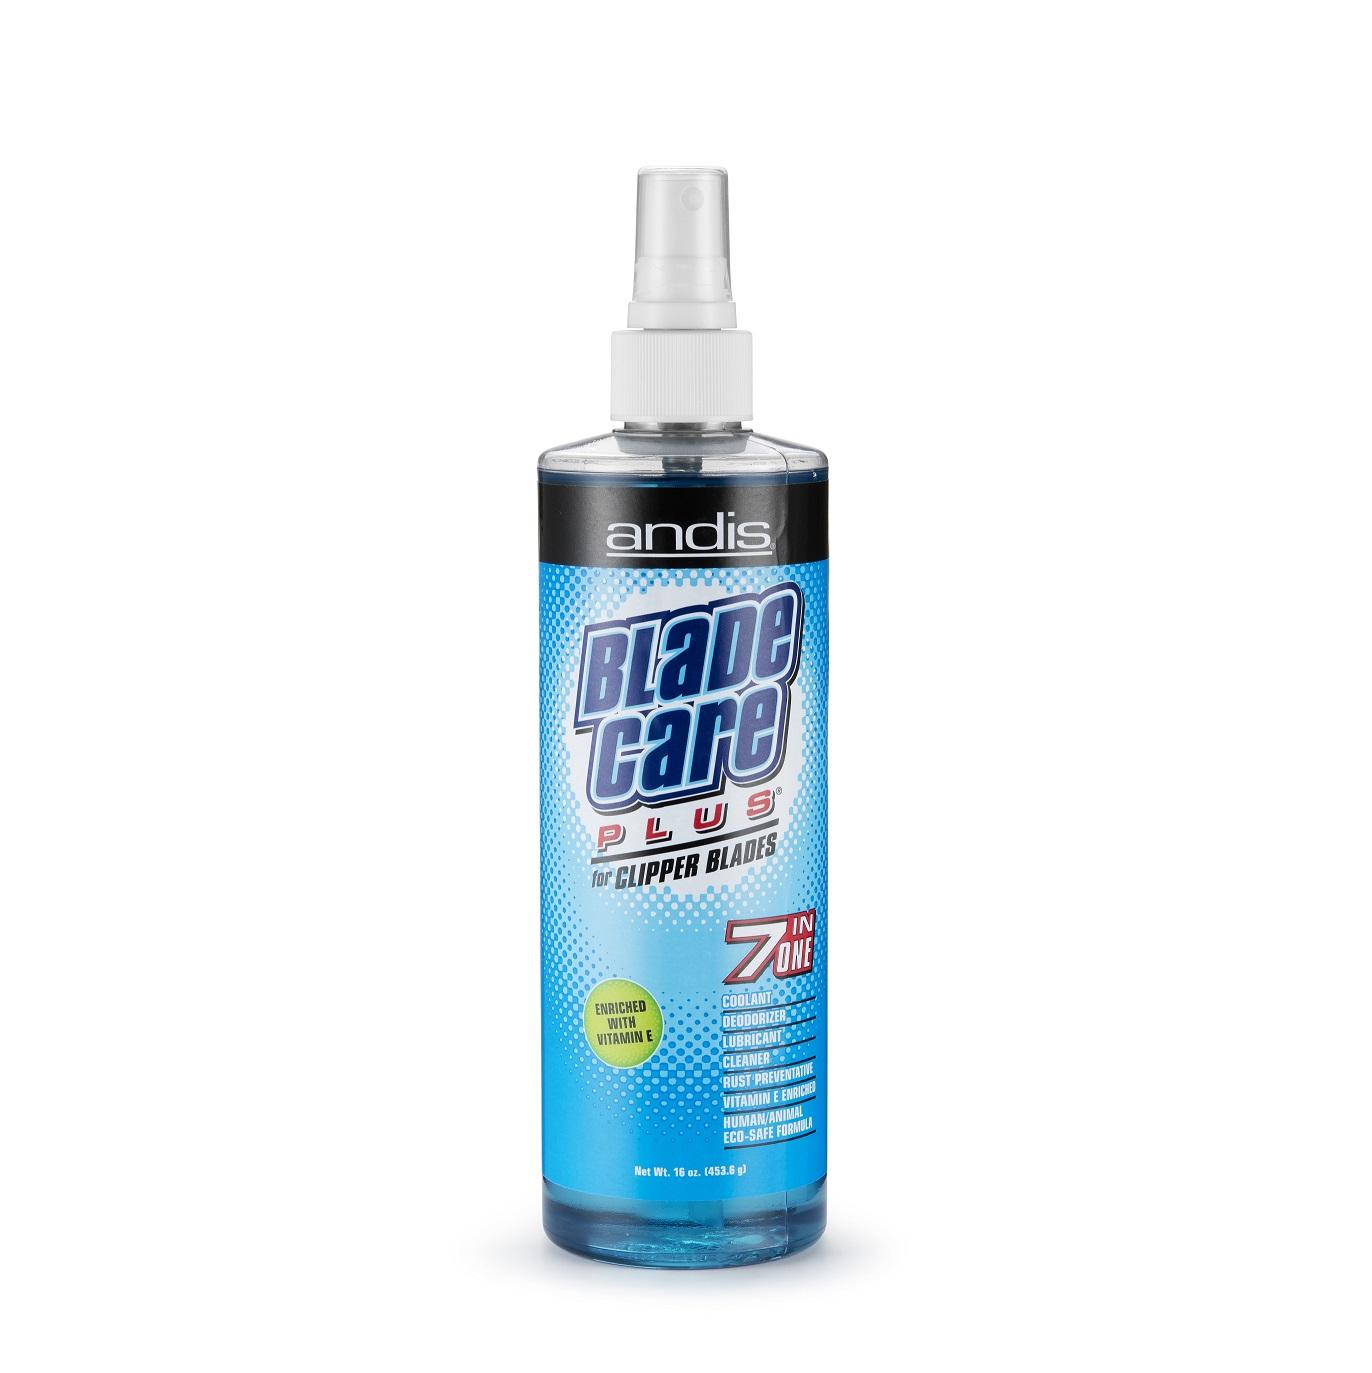 Andis Blade Care Plus - čistící sprej na strojky na vlasy, 473 ml